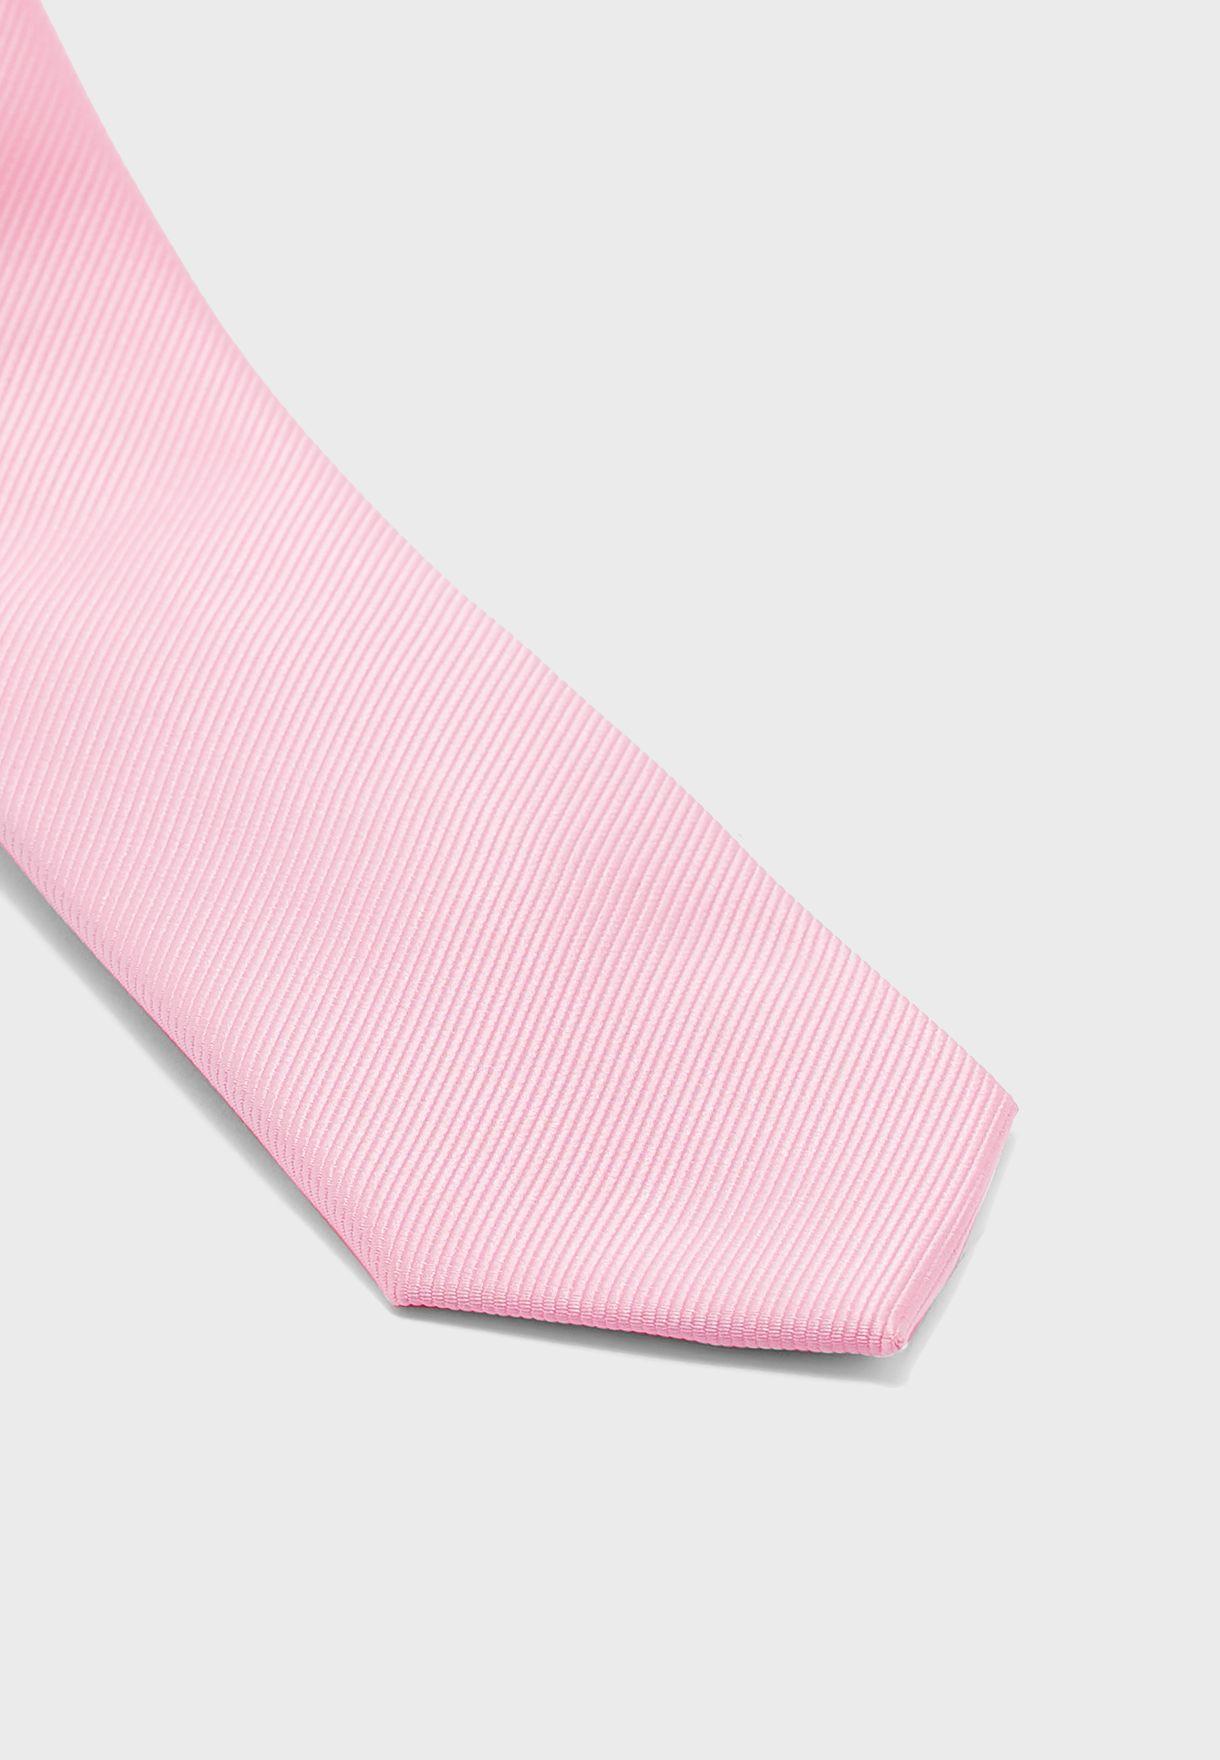 ربطة عنق مدببة